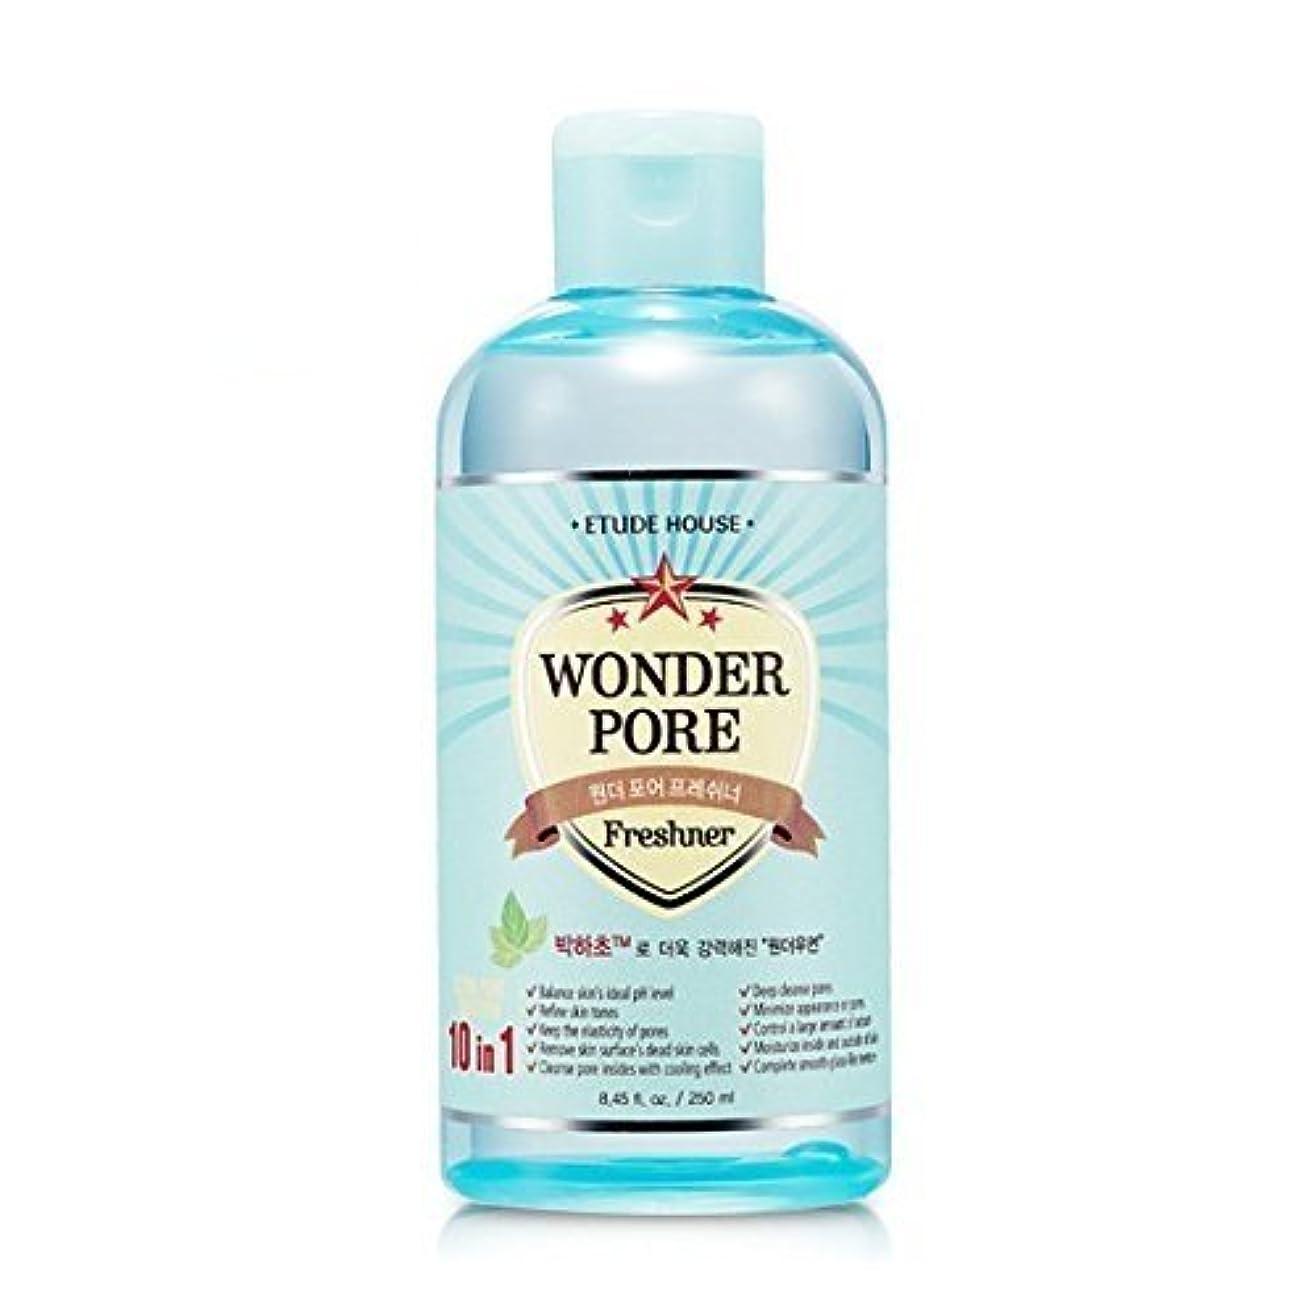 懐も司教エチュードハウス ワンダー?ポア?フレッシュナー 化粧水 (500ml) / ETUDE HOUSE Wonder Pore Freshner [並行輸入品]